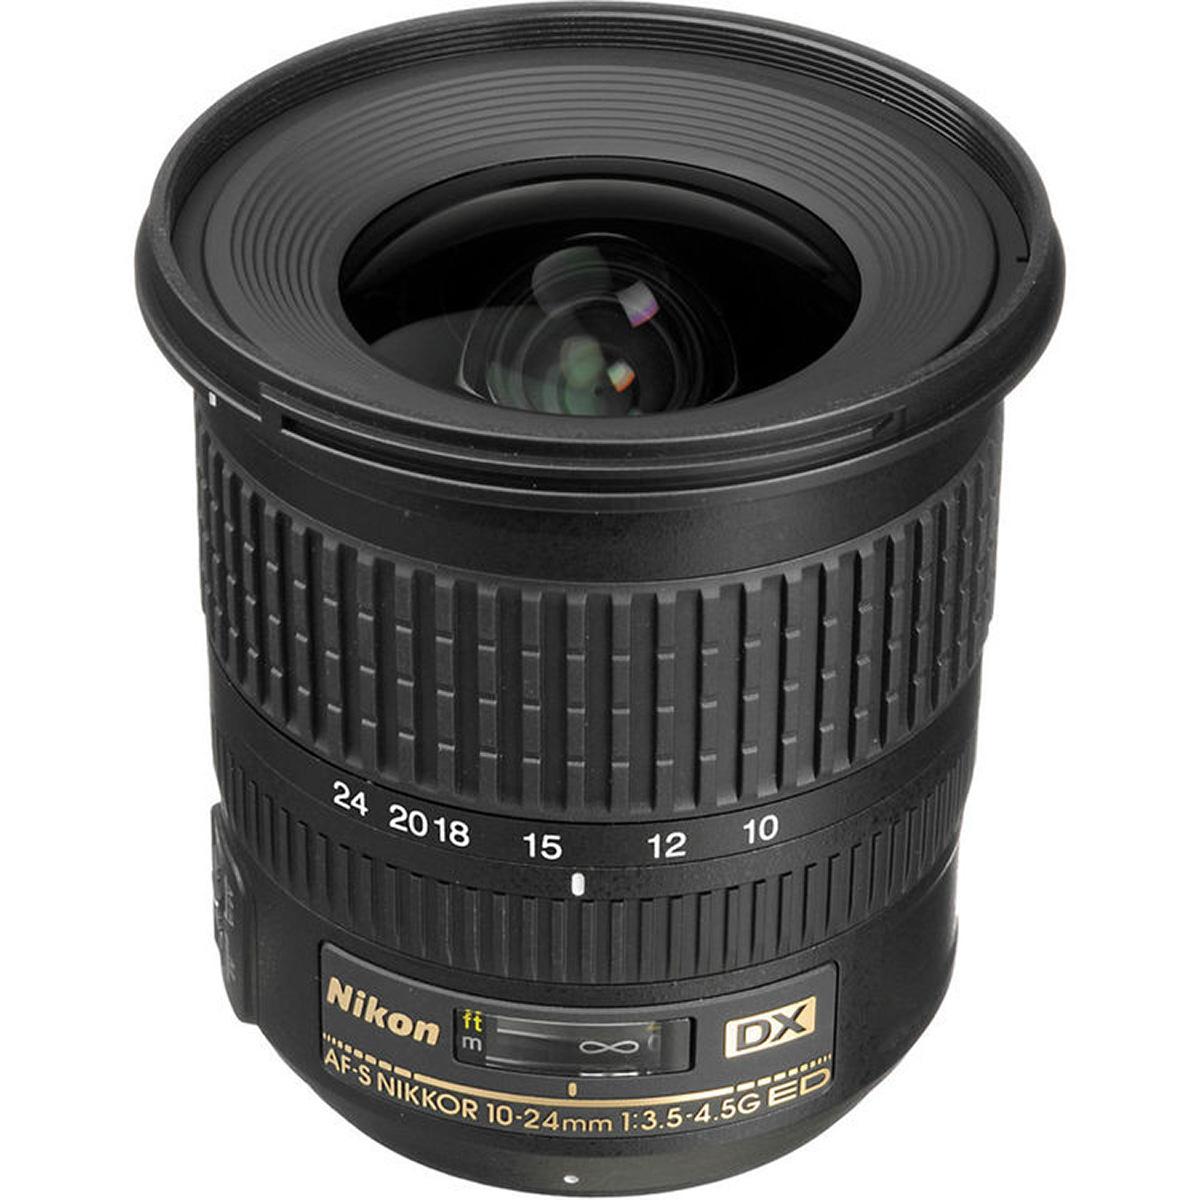 Nikon 10-24mm f/3.5-4.5G ED AF-S DX Nikkor